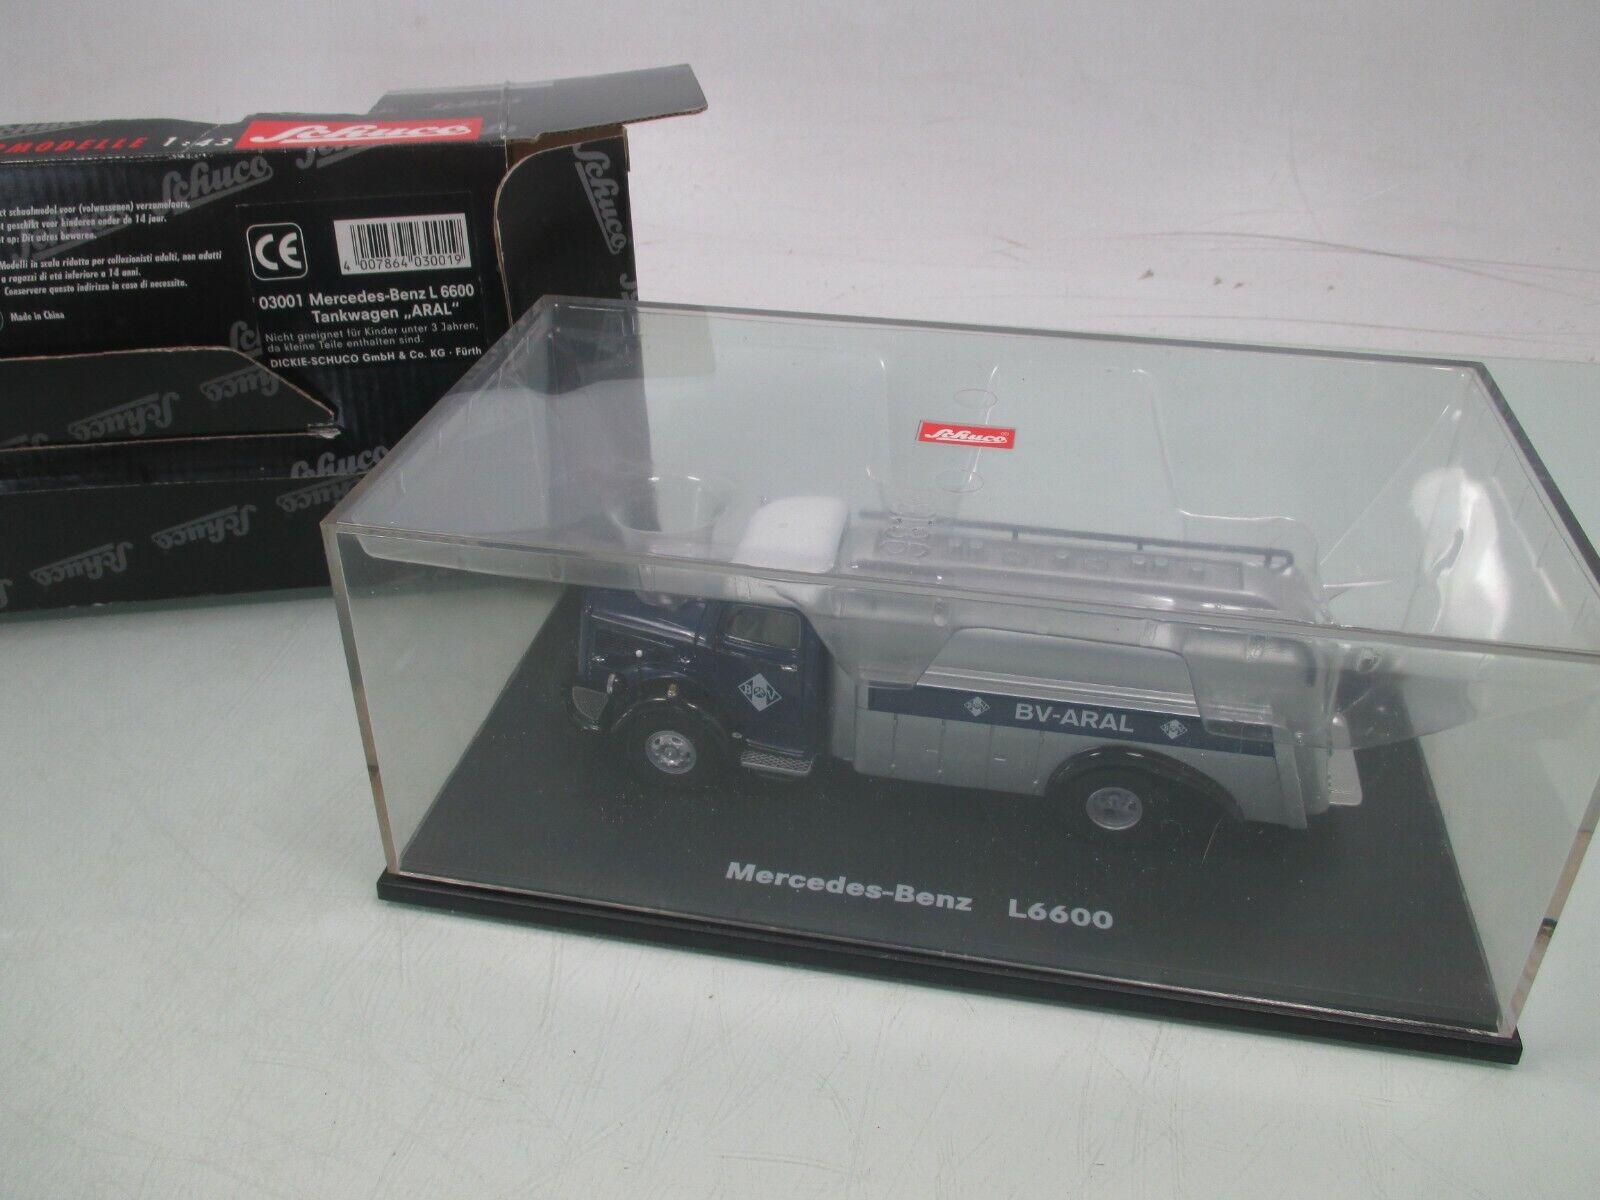 Schuco 1 43 03001 Mercedes-Benz  l6600 camion citerne  ARAL  M. neuf dans sa boîte (wm6044)  produit de qualité d'approvisionnement